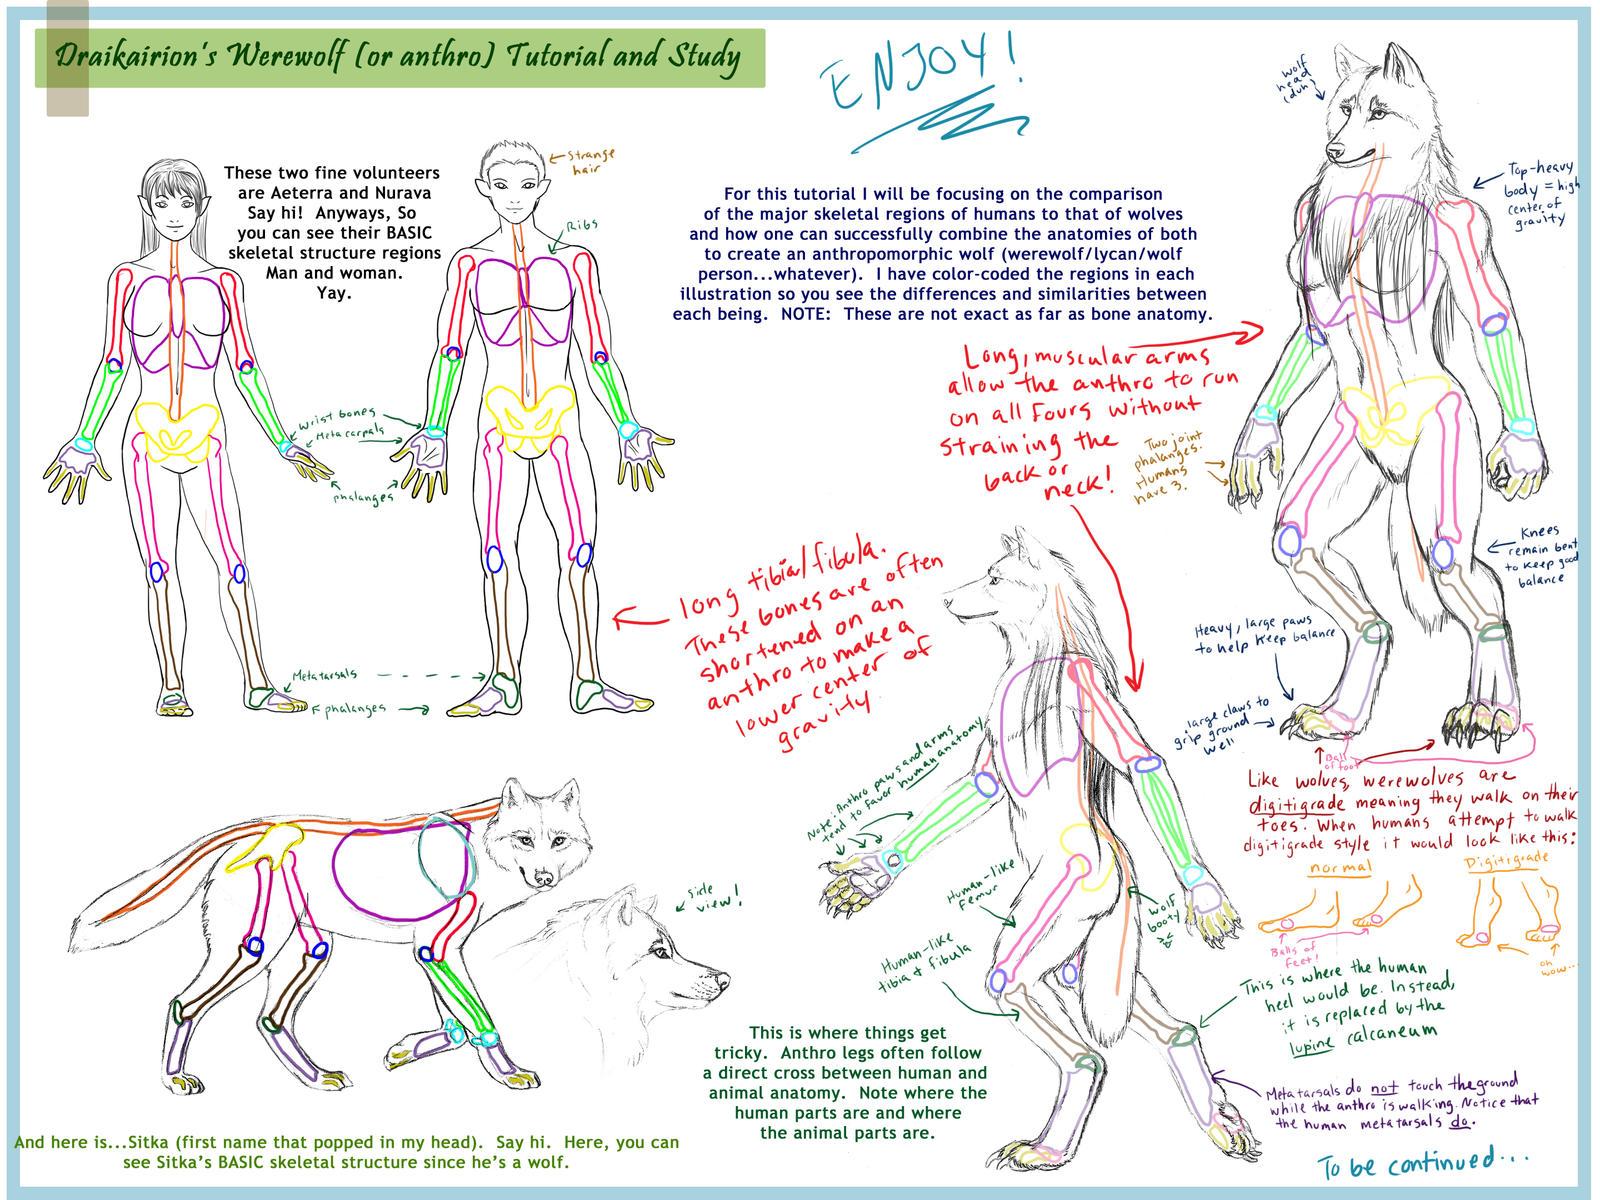 Werewolf Anthro Tutorial pt. 1 by Draikairion